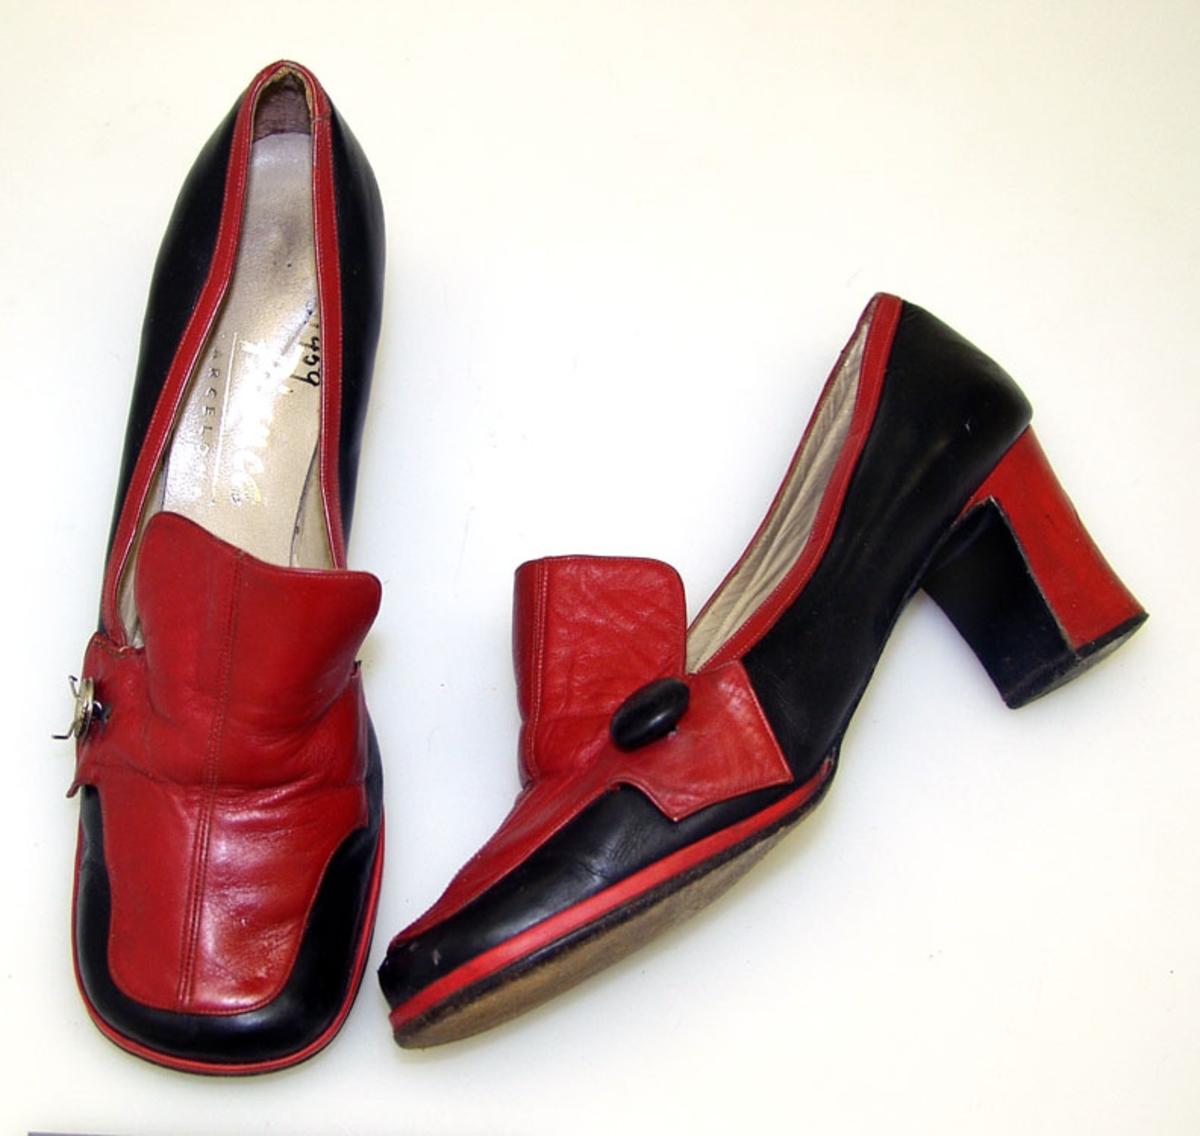 Form: 2-farget, høy hæl